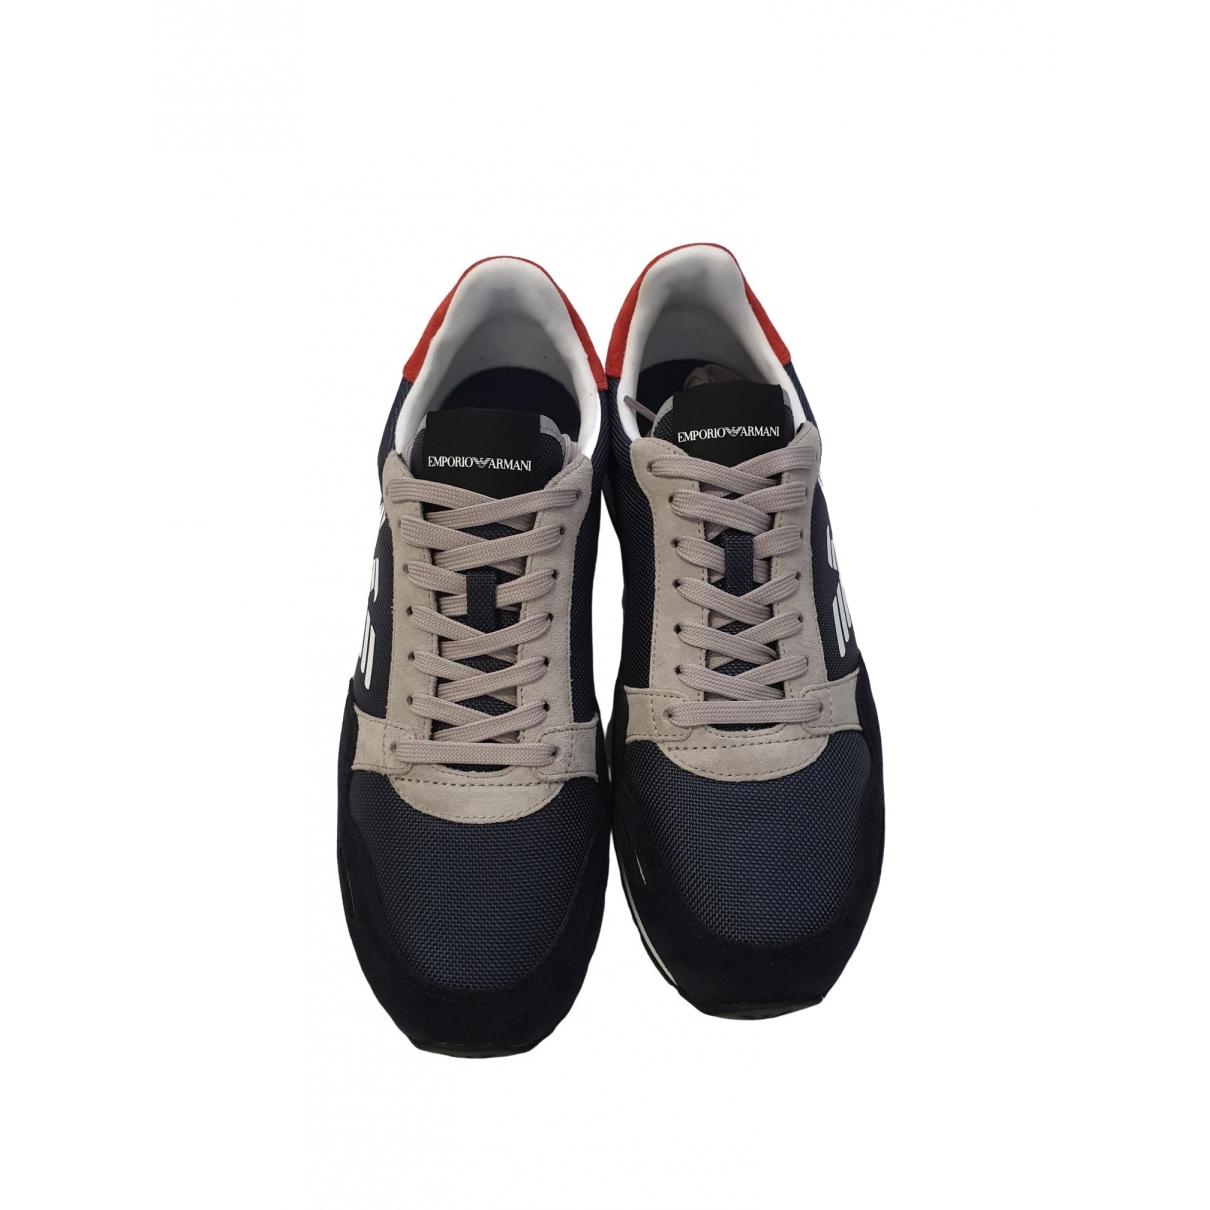 Emporio Armani \N Sneakers in  Bunt Veloursleder